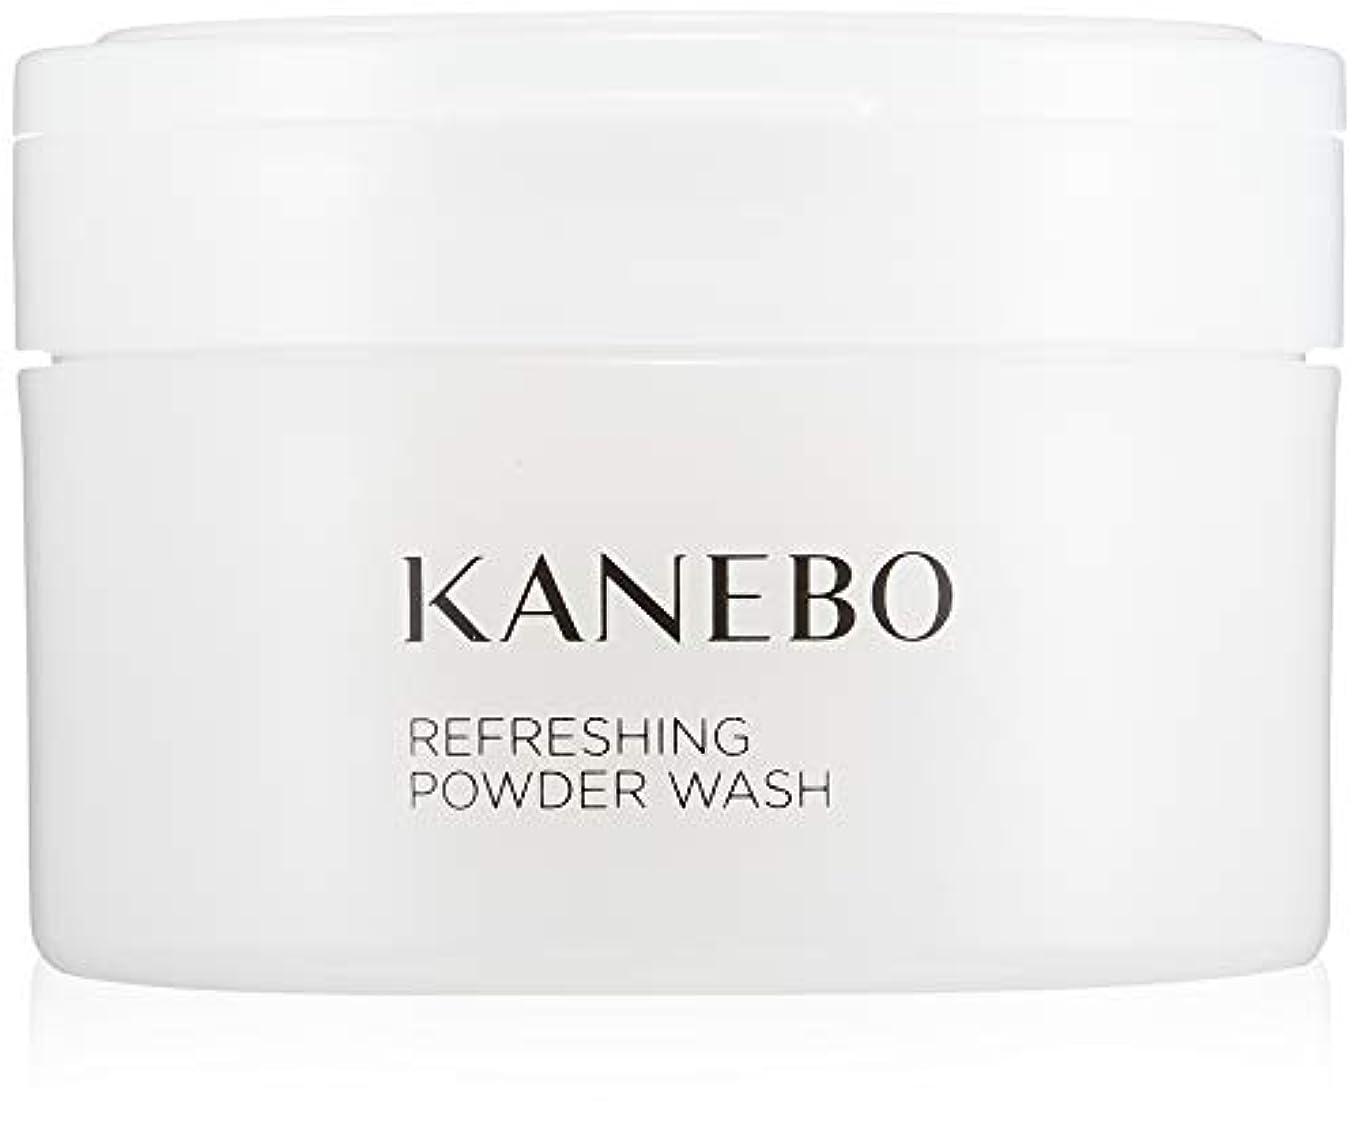 学者リクルート大胆なKANEBO(カネボウ) カネボウ リフレッシング パウダー ウォッシュ 洗顔パウダー